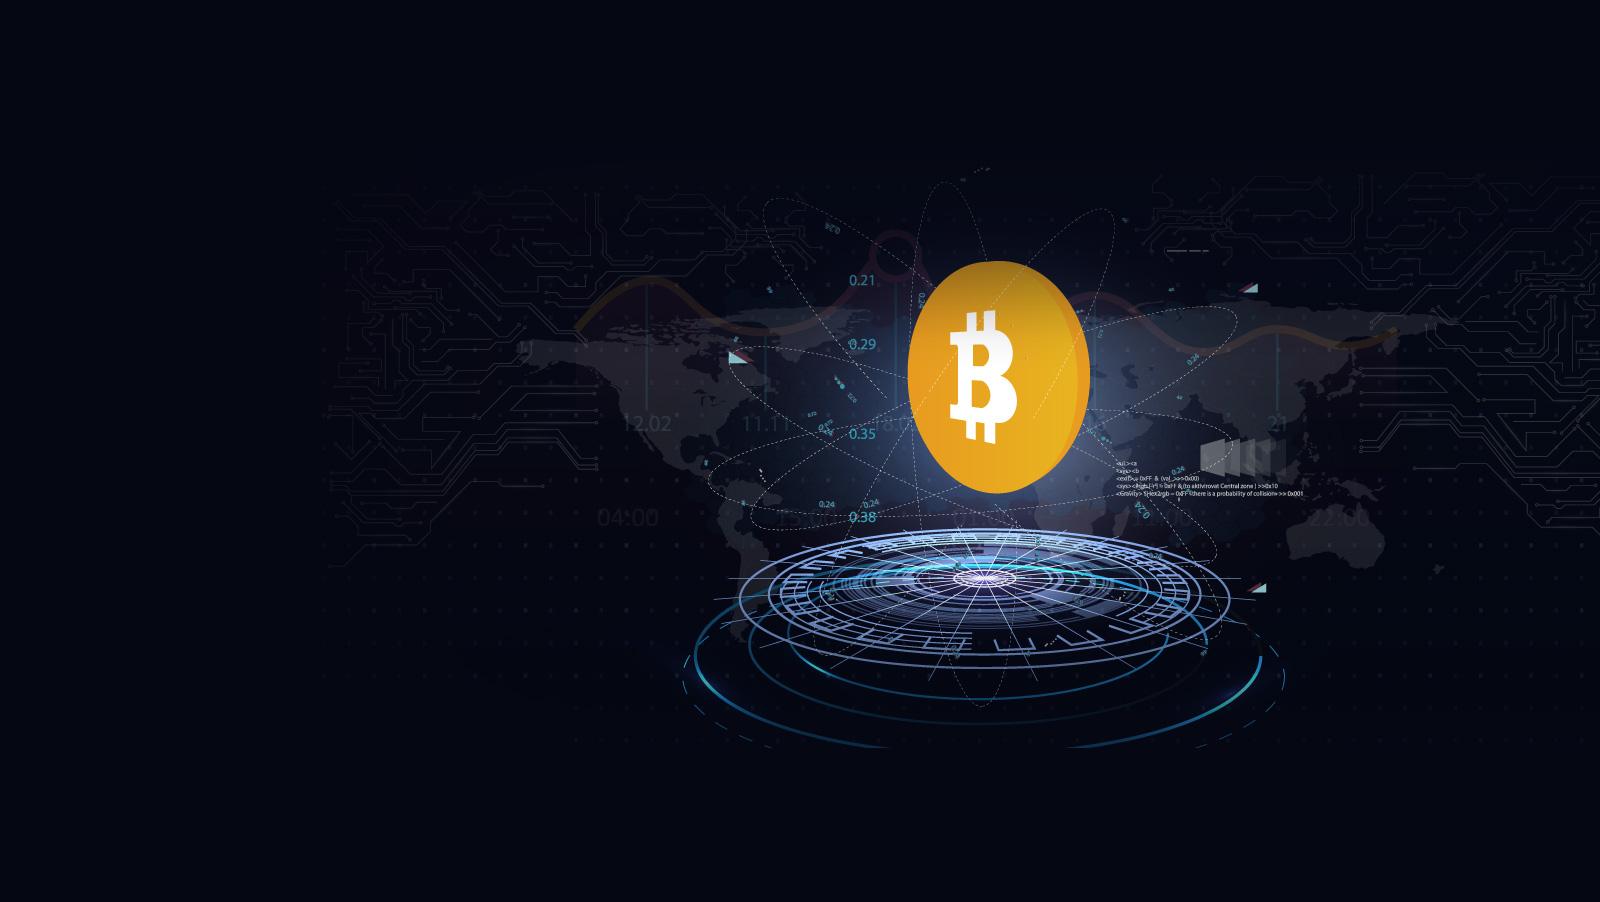 Kasyno bitcoin z kostkami w pobliżu